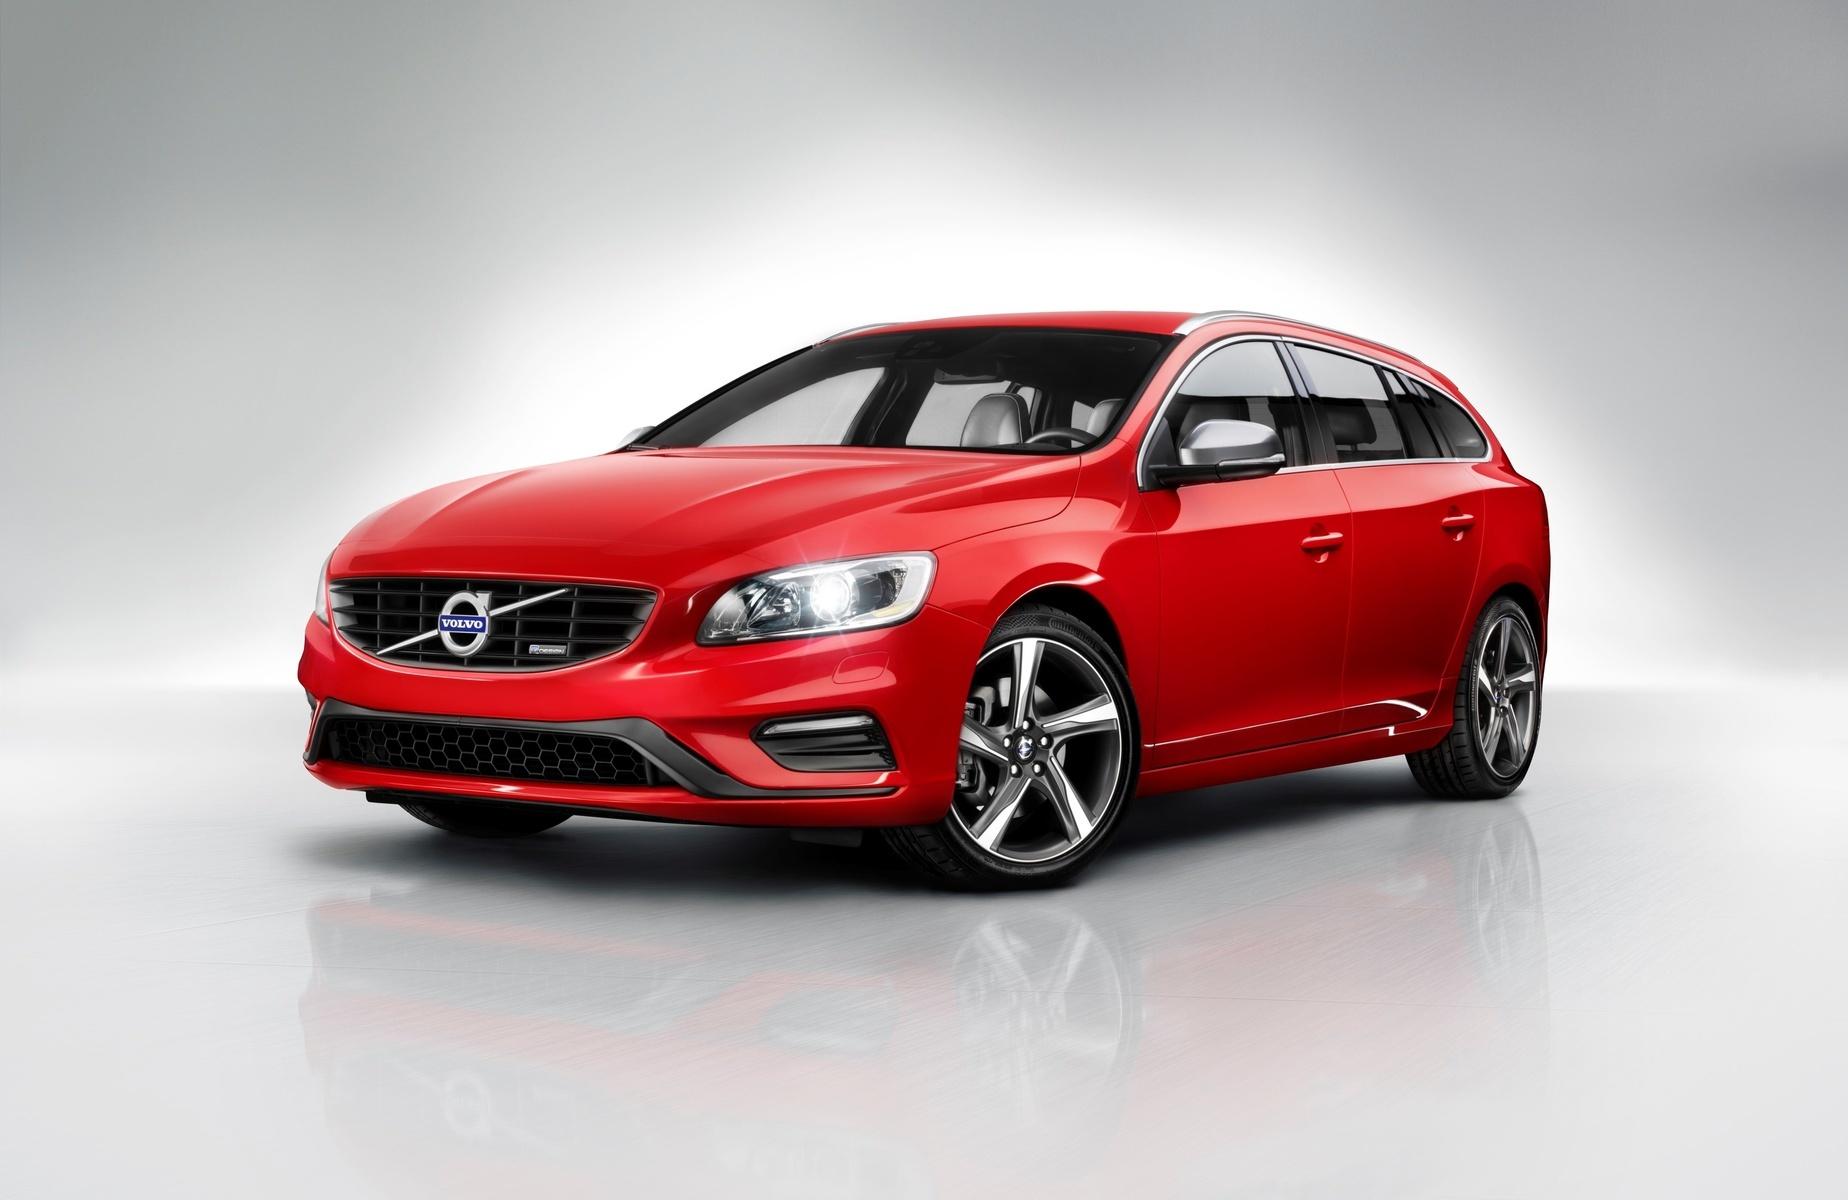 2014 Volvo 240 | The V60 R-Design